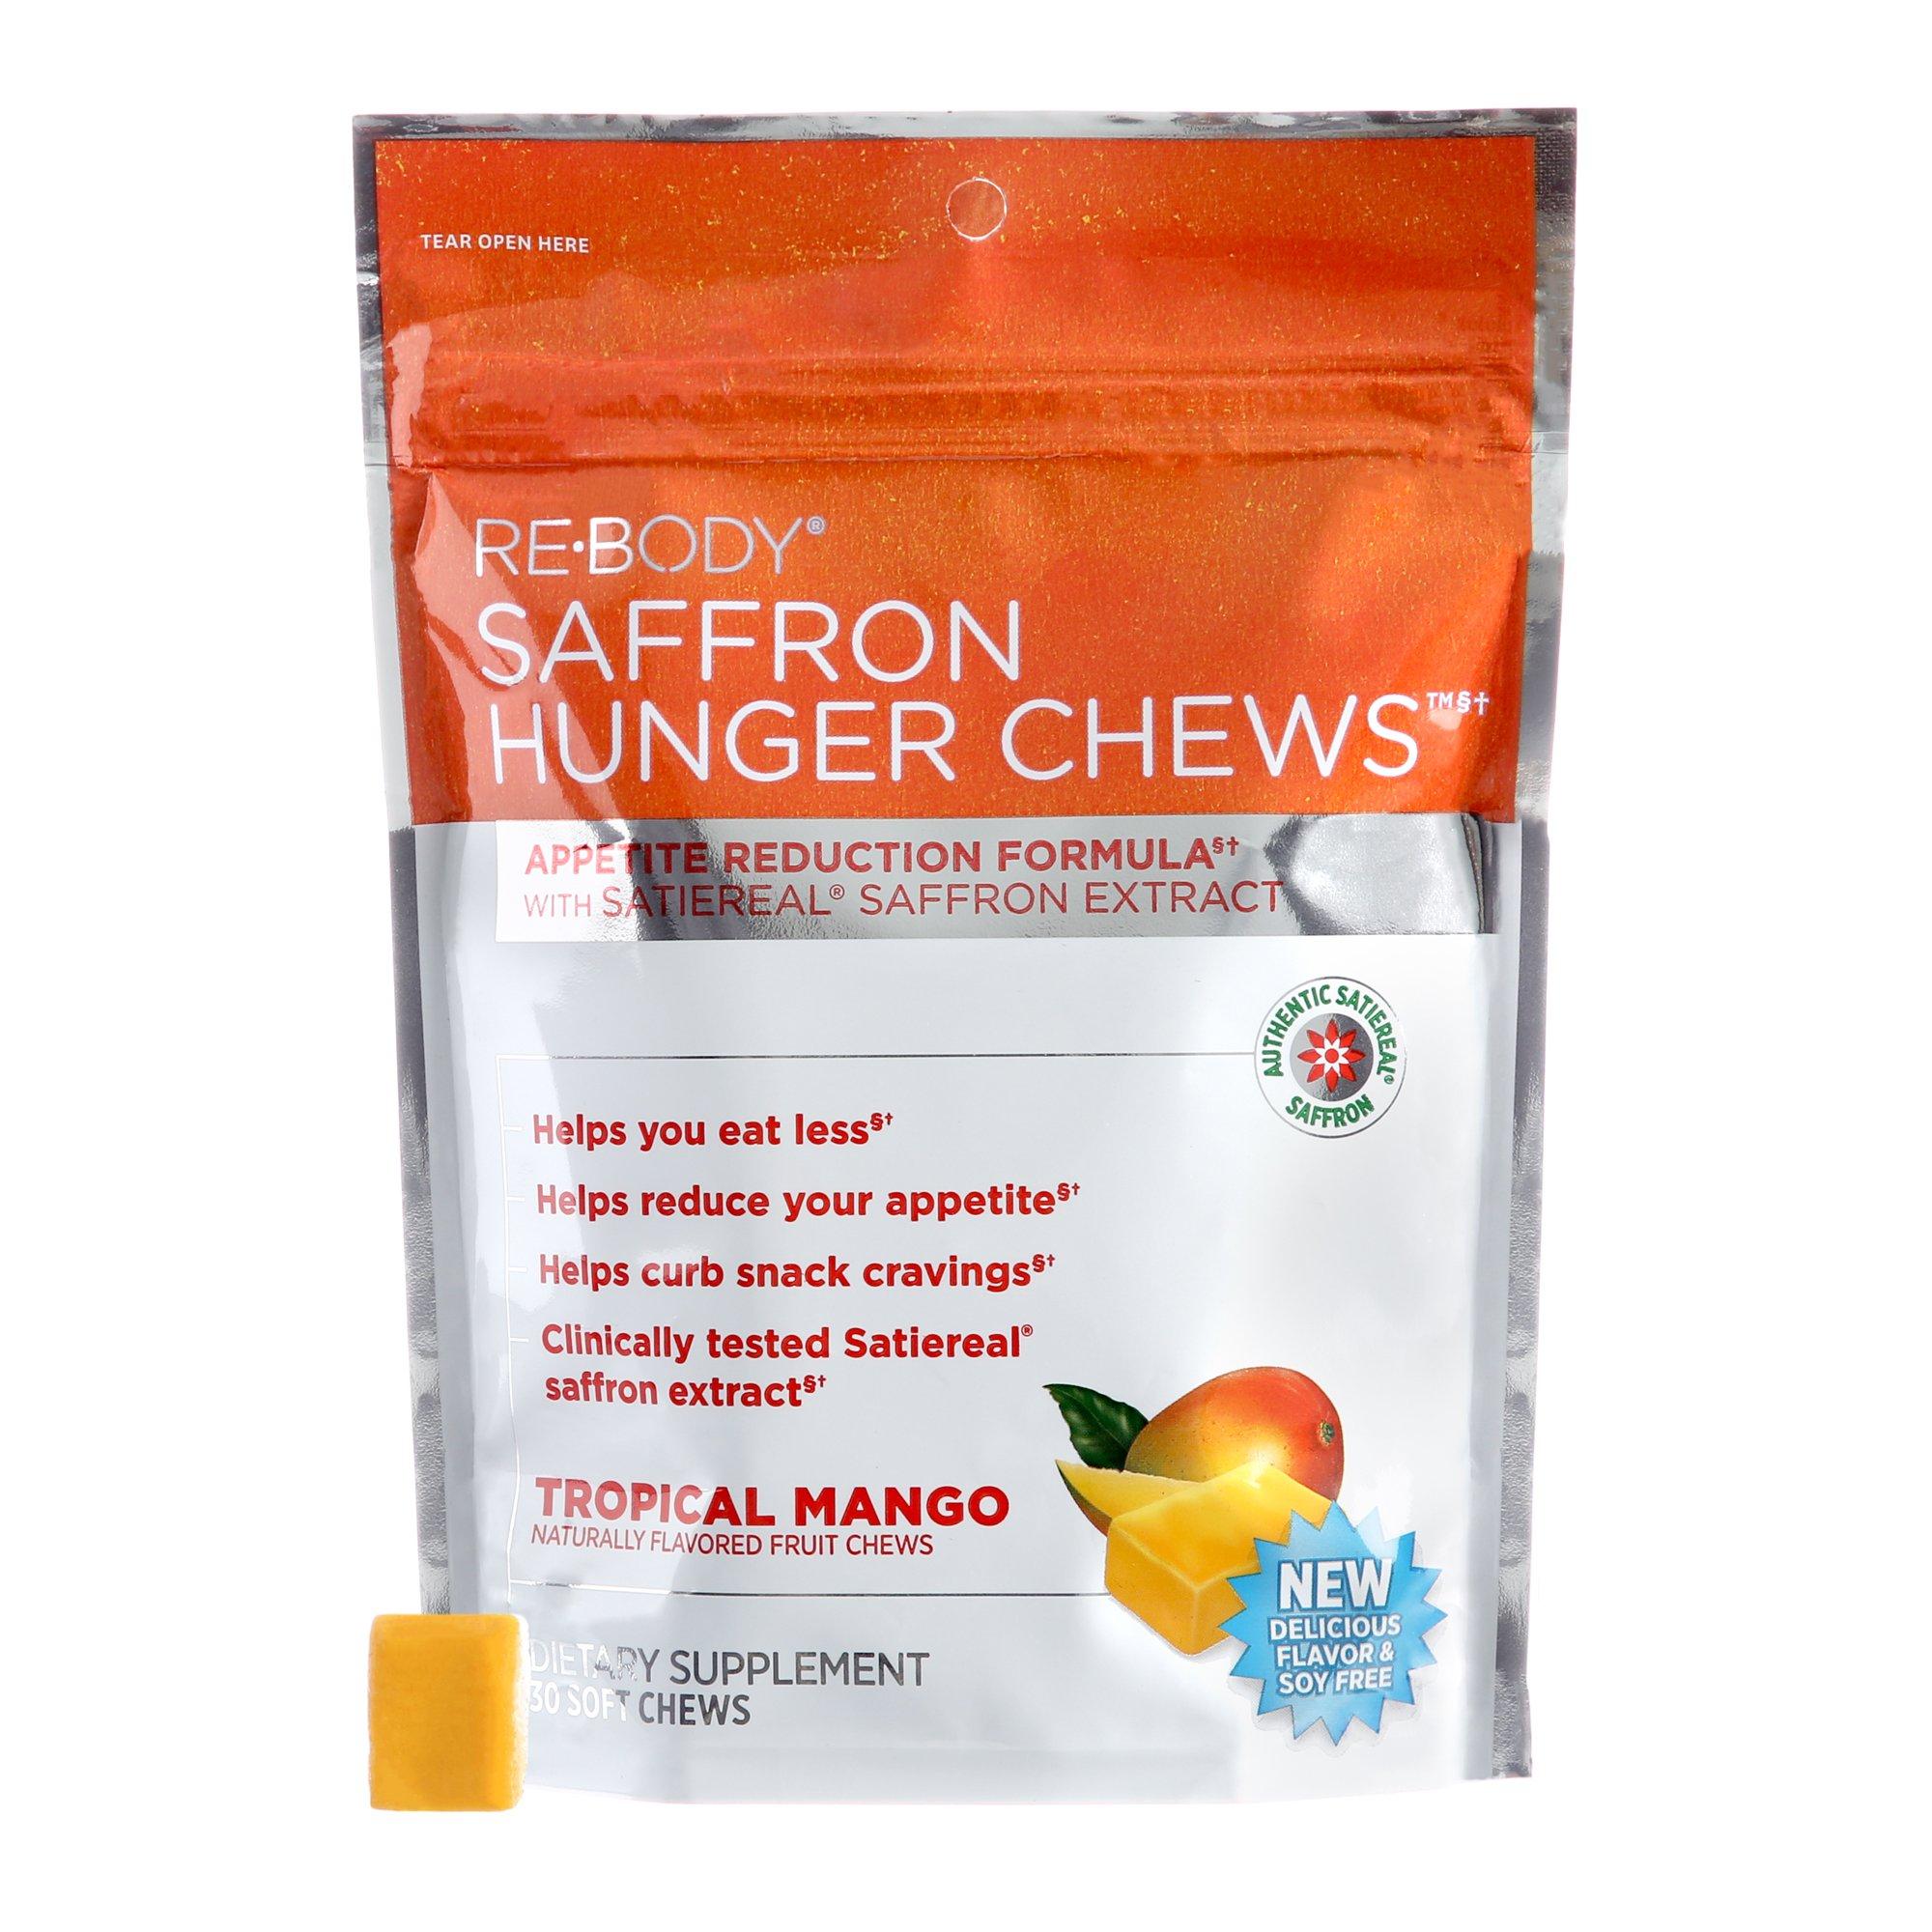 Saffron Hunger Chews Appetite Control Formula 30 Soft Chews